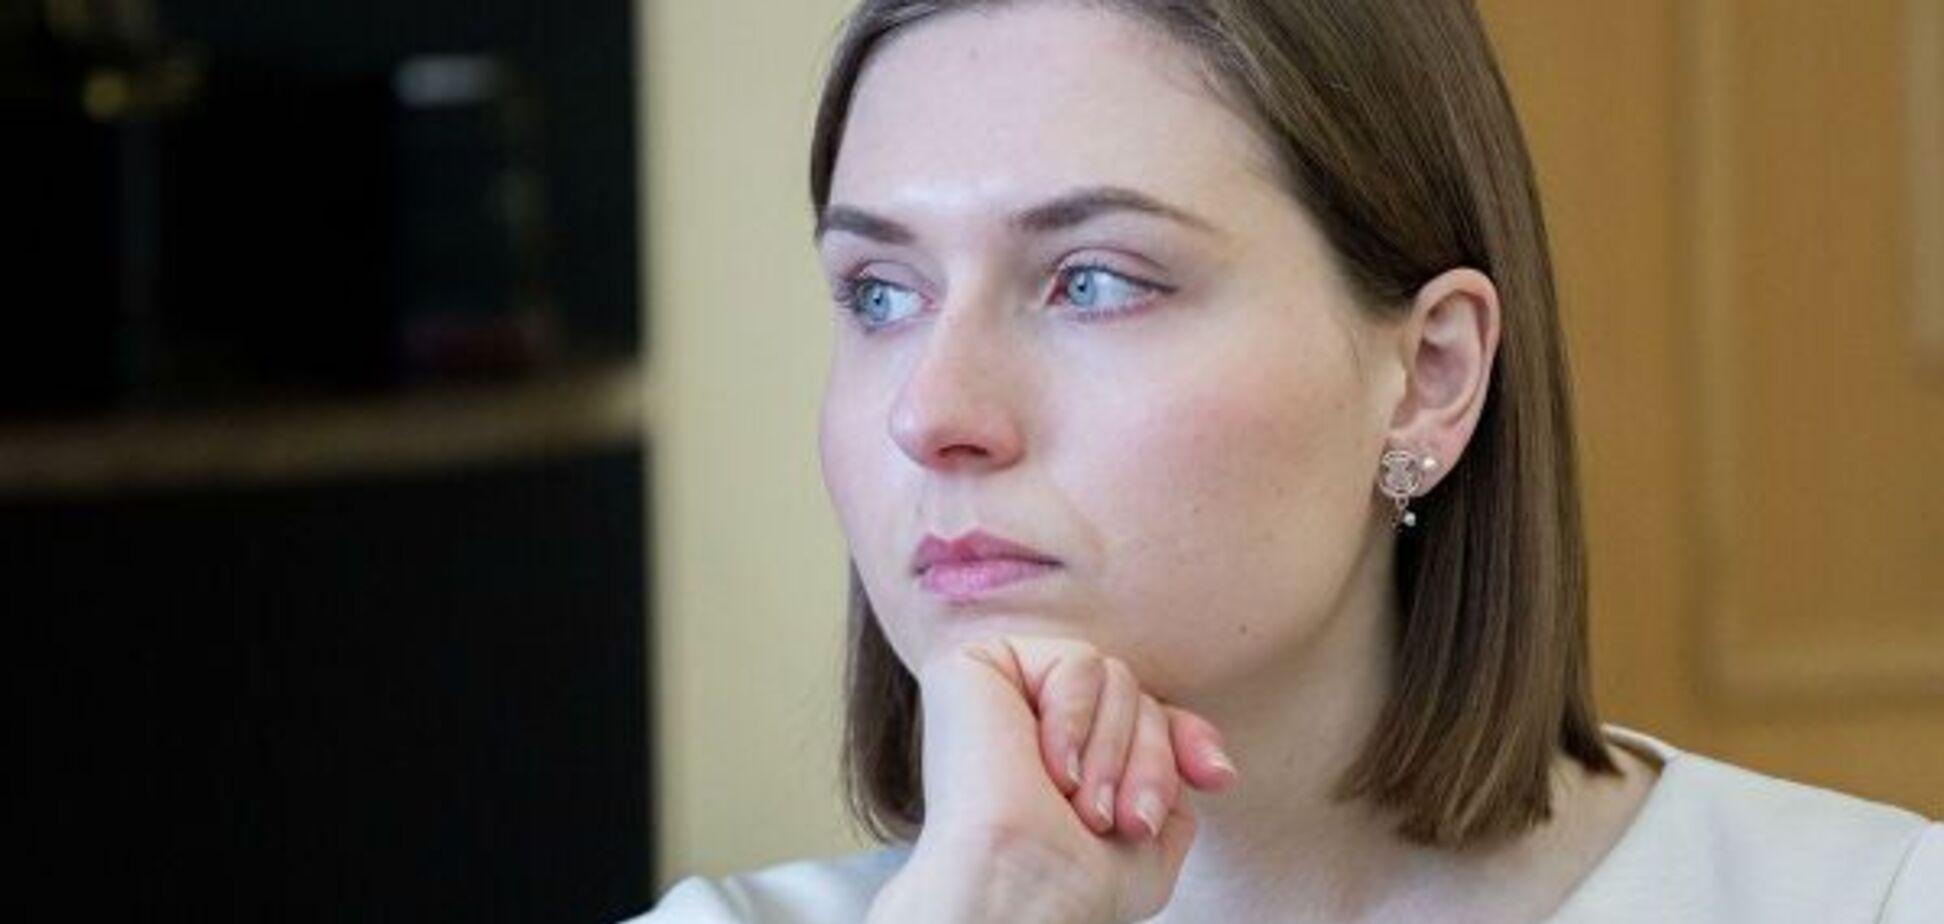 'Безграмотная' министр образования Украины впервые отреагировала на скандал